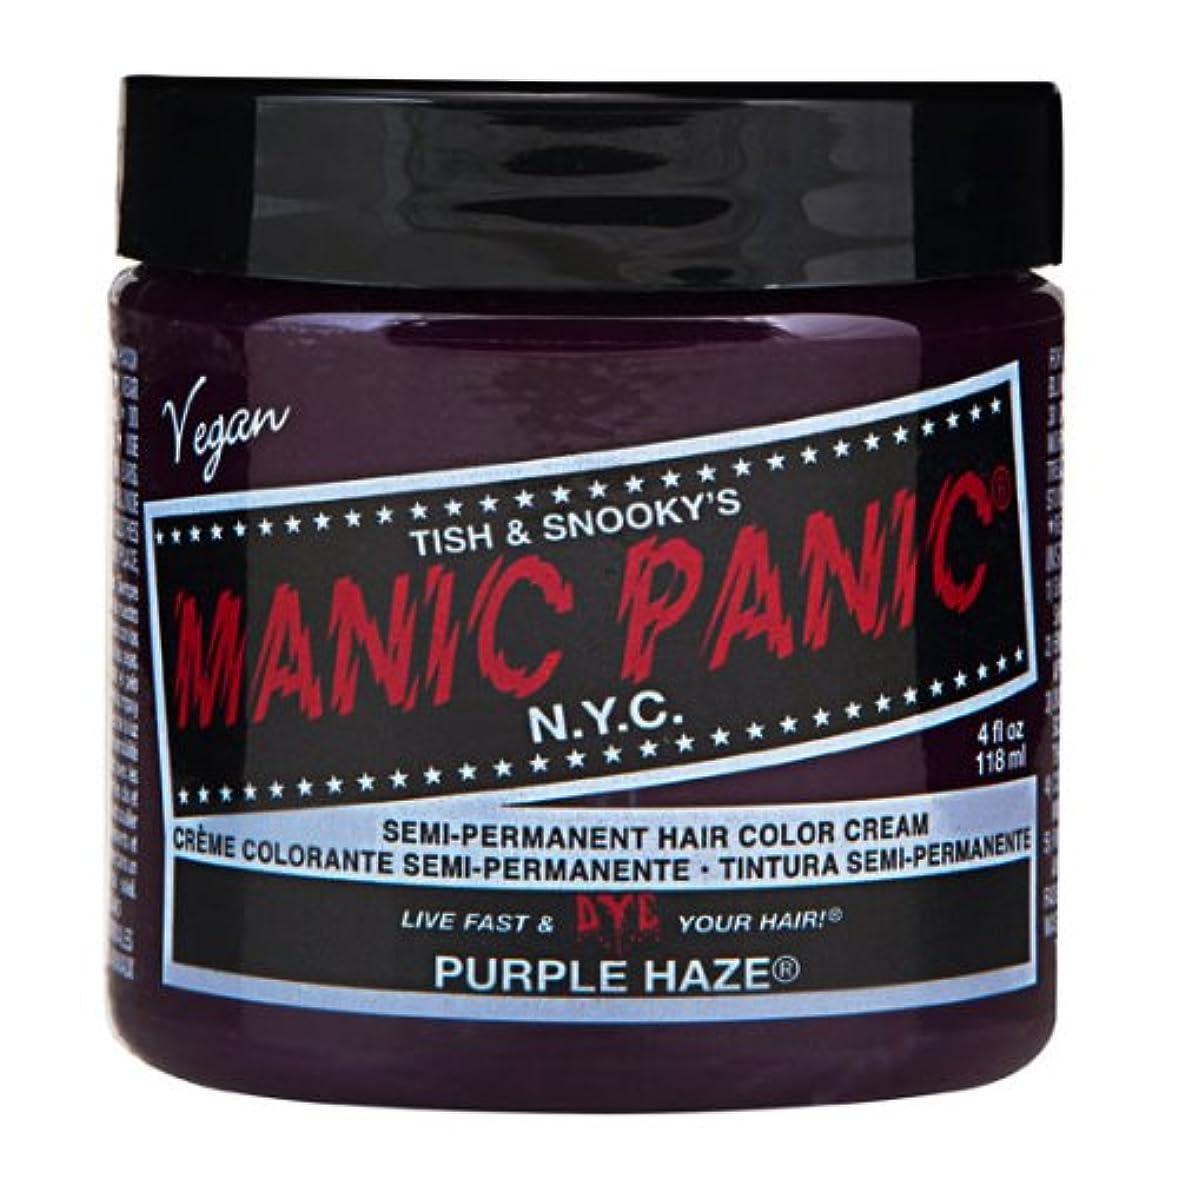 ボリューム流暢パッドスペシャルセットMANIC PANICマニックパニック:Purple Haze (パープル?ヘイズ)+ヘアカラーケア4点セット